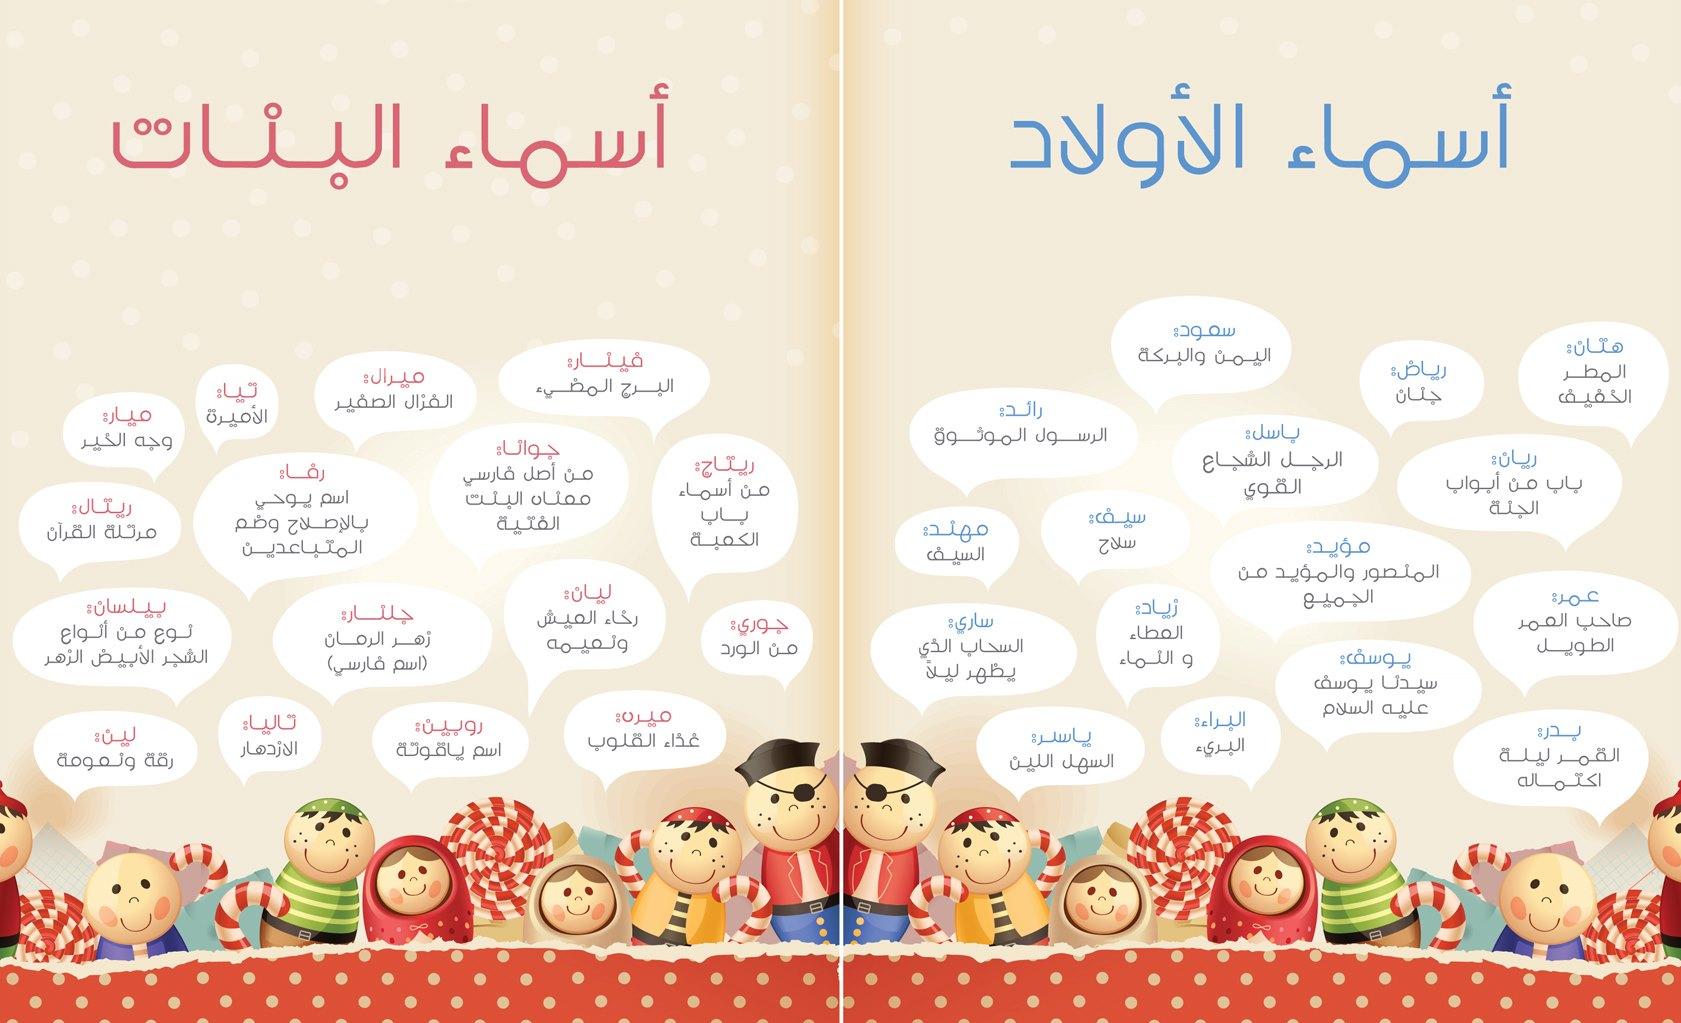 صوره موسوعة الاسماء العربية